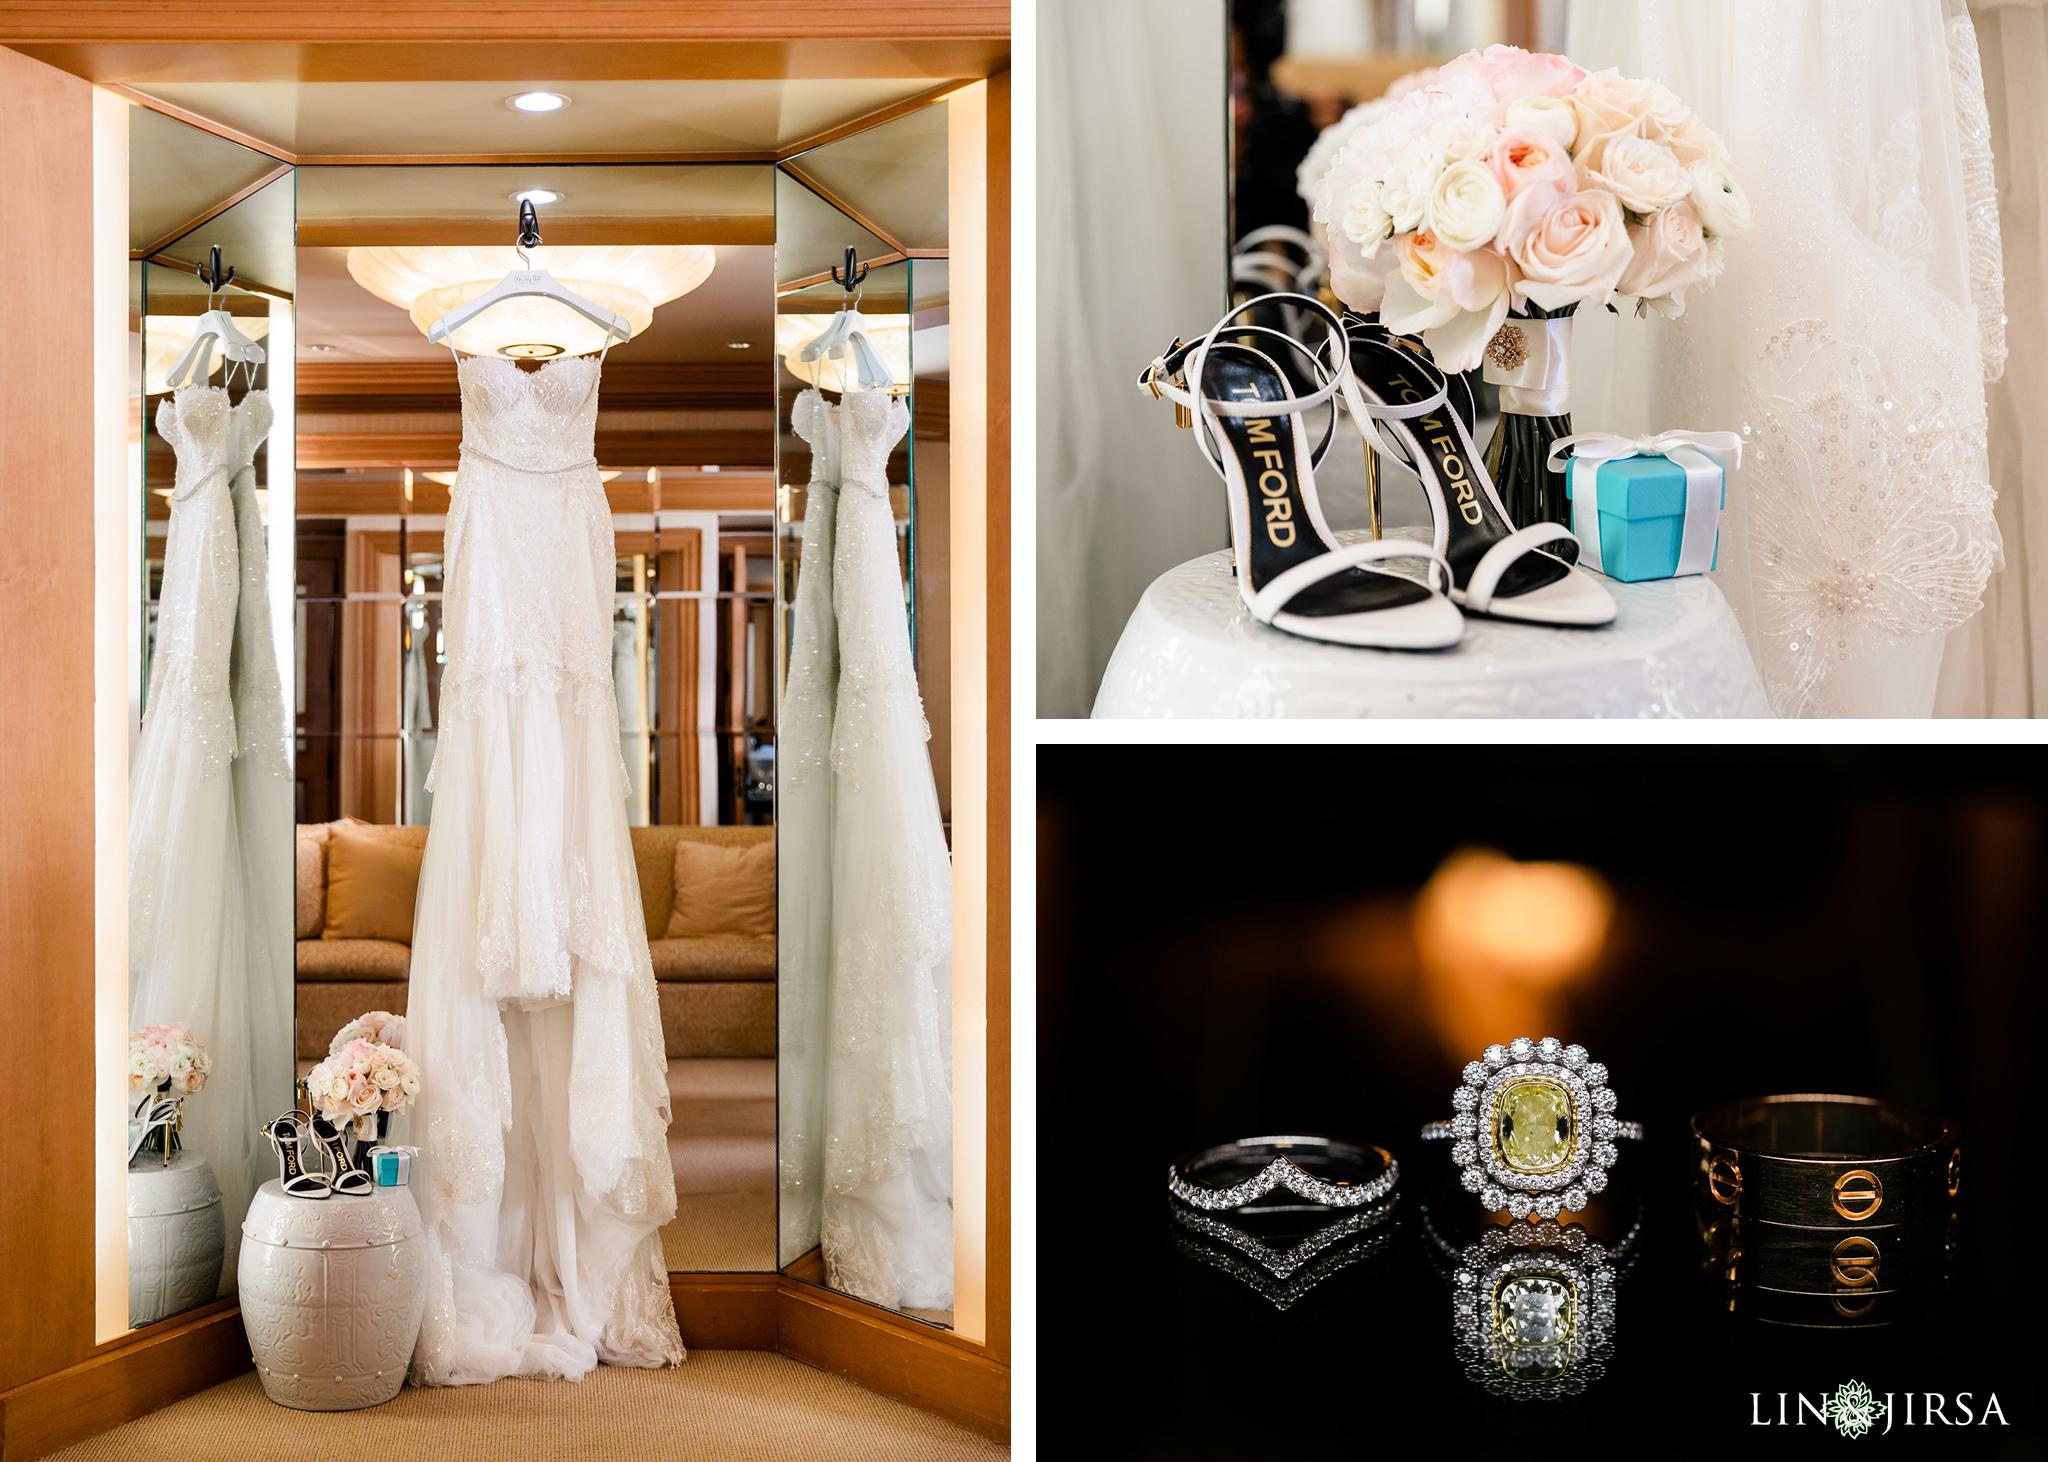 zmsantos Pelican Hill Resort Orange County Wedding Photographer